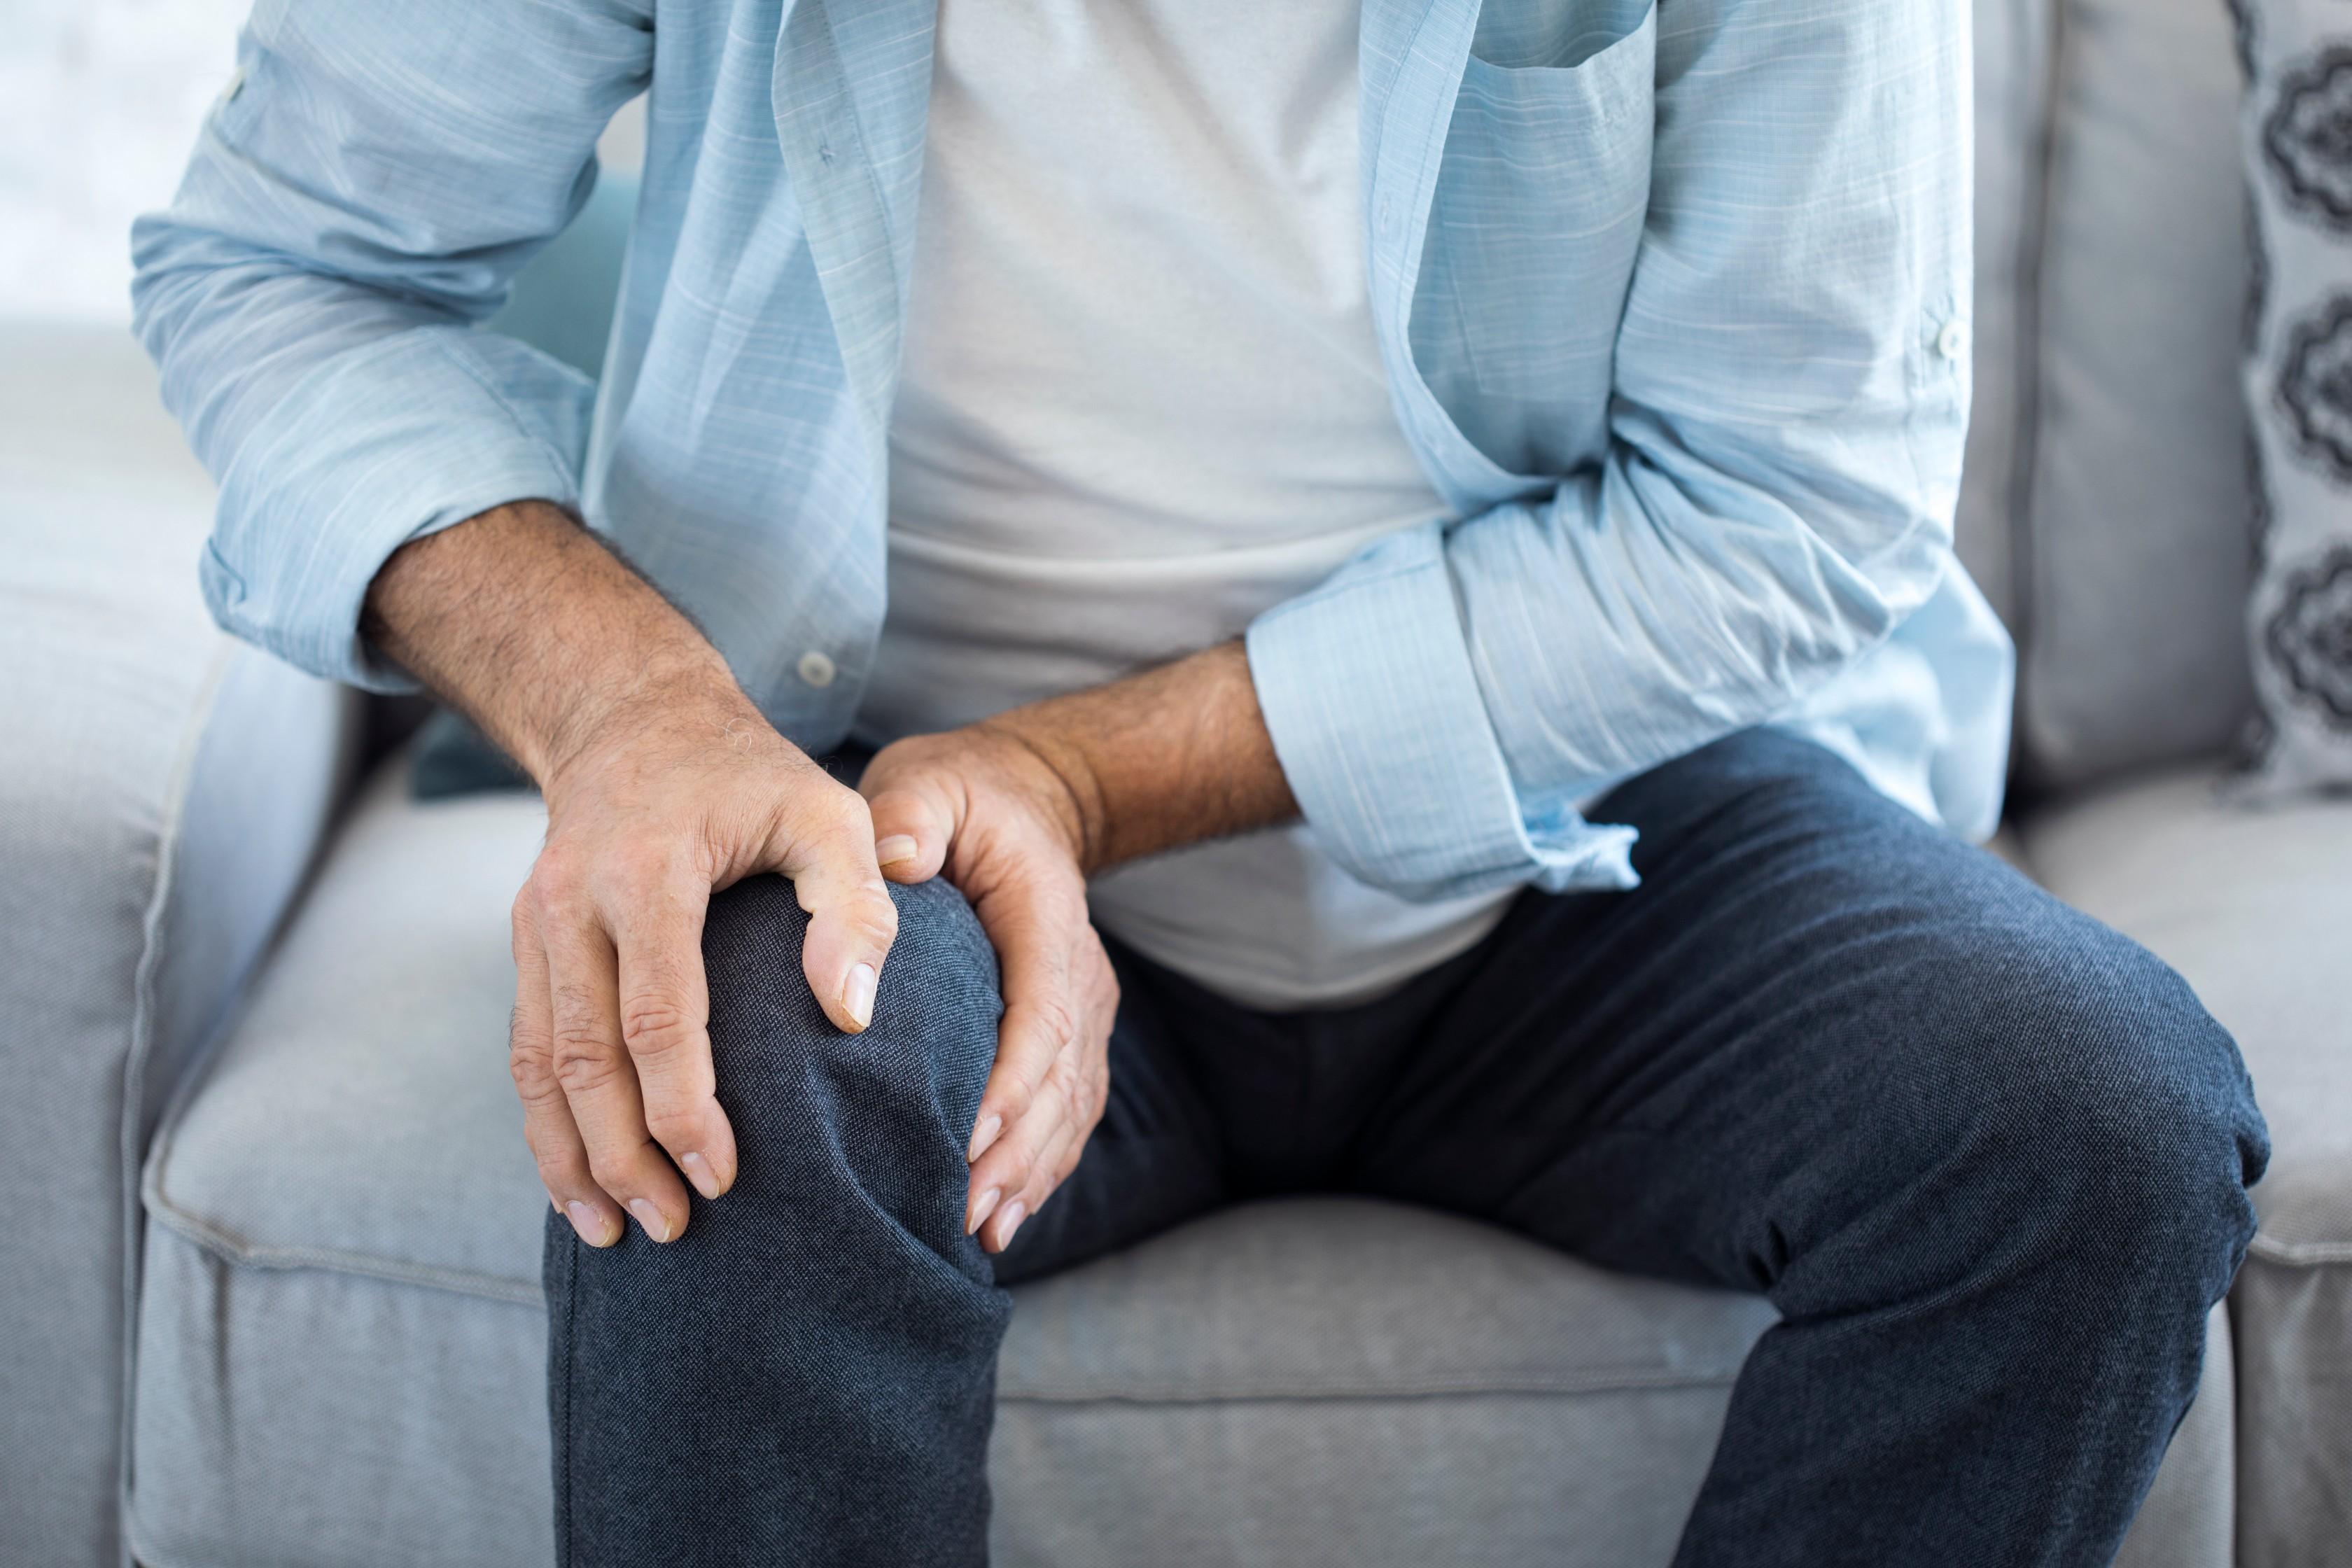 vándorló ízületi fájdalmak az egész testben fájdalom, amikor egy kezét emelik az ízületben